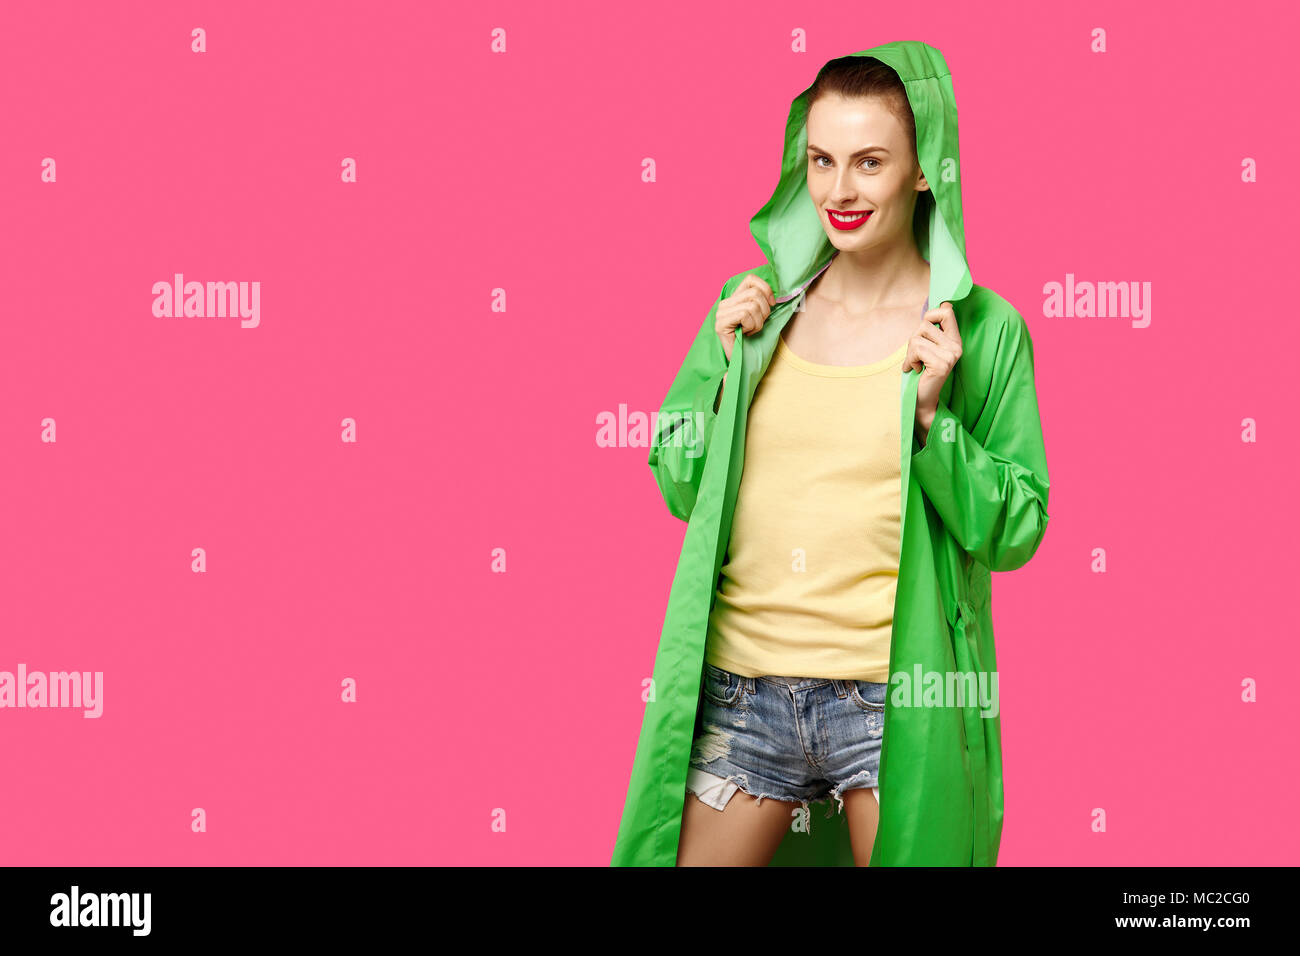 Junge Einem In Hintergrund Frau Grünen Mantel Auf Rosa Einen R345jLqA